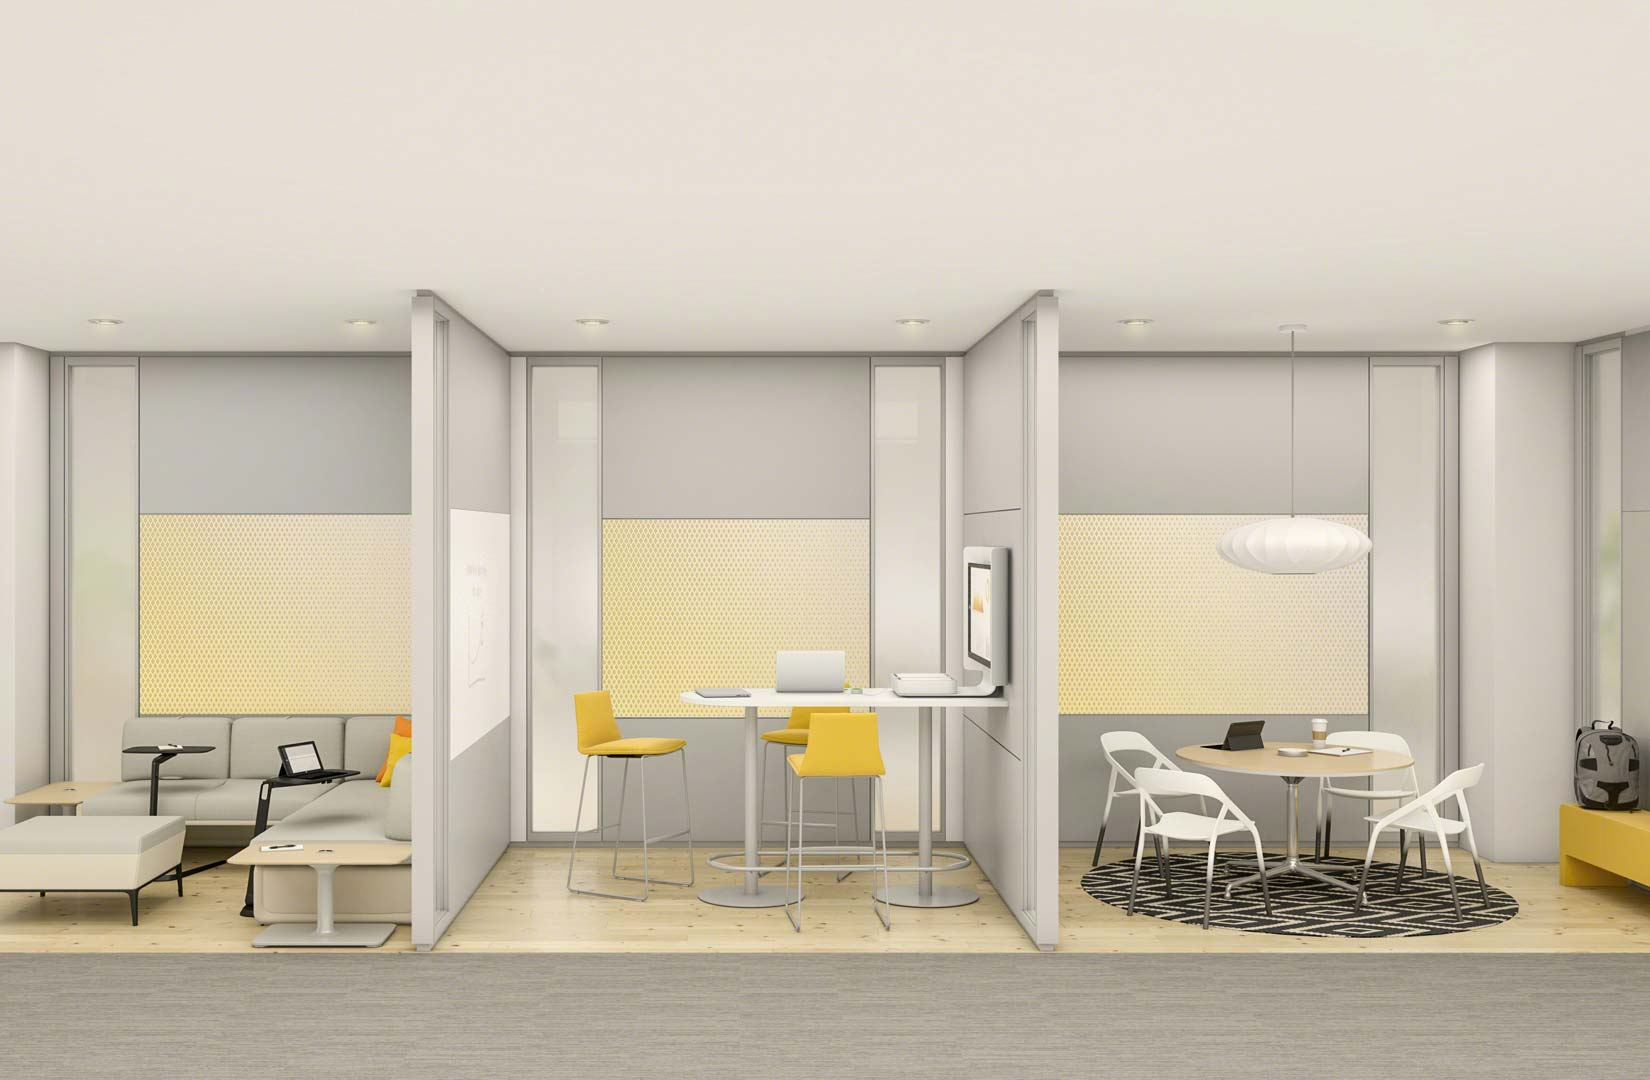 Mobiliario Salas de Reuniones Greendok_02